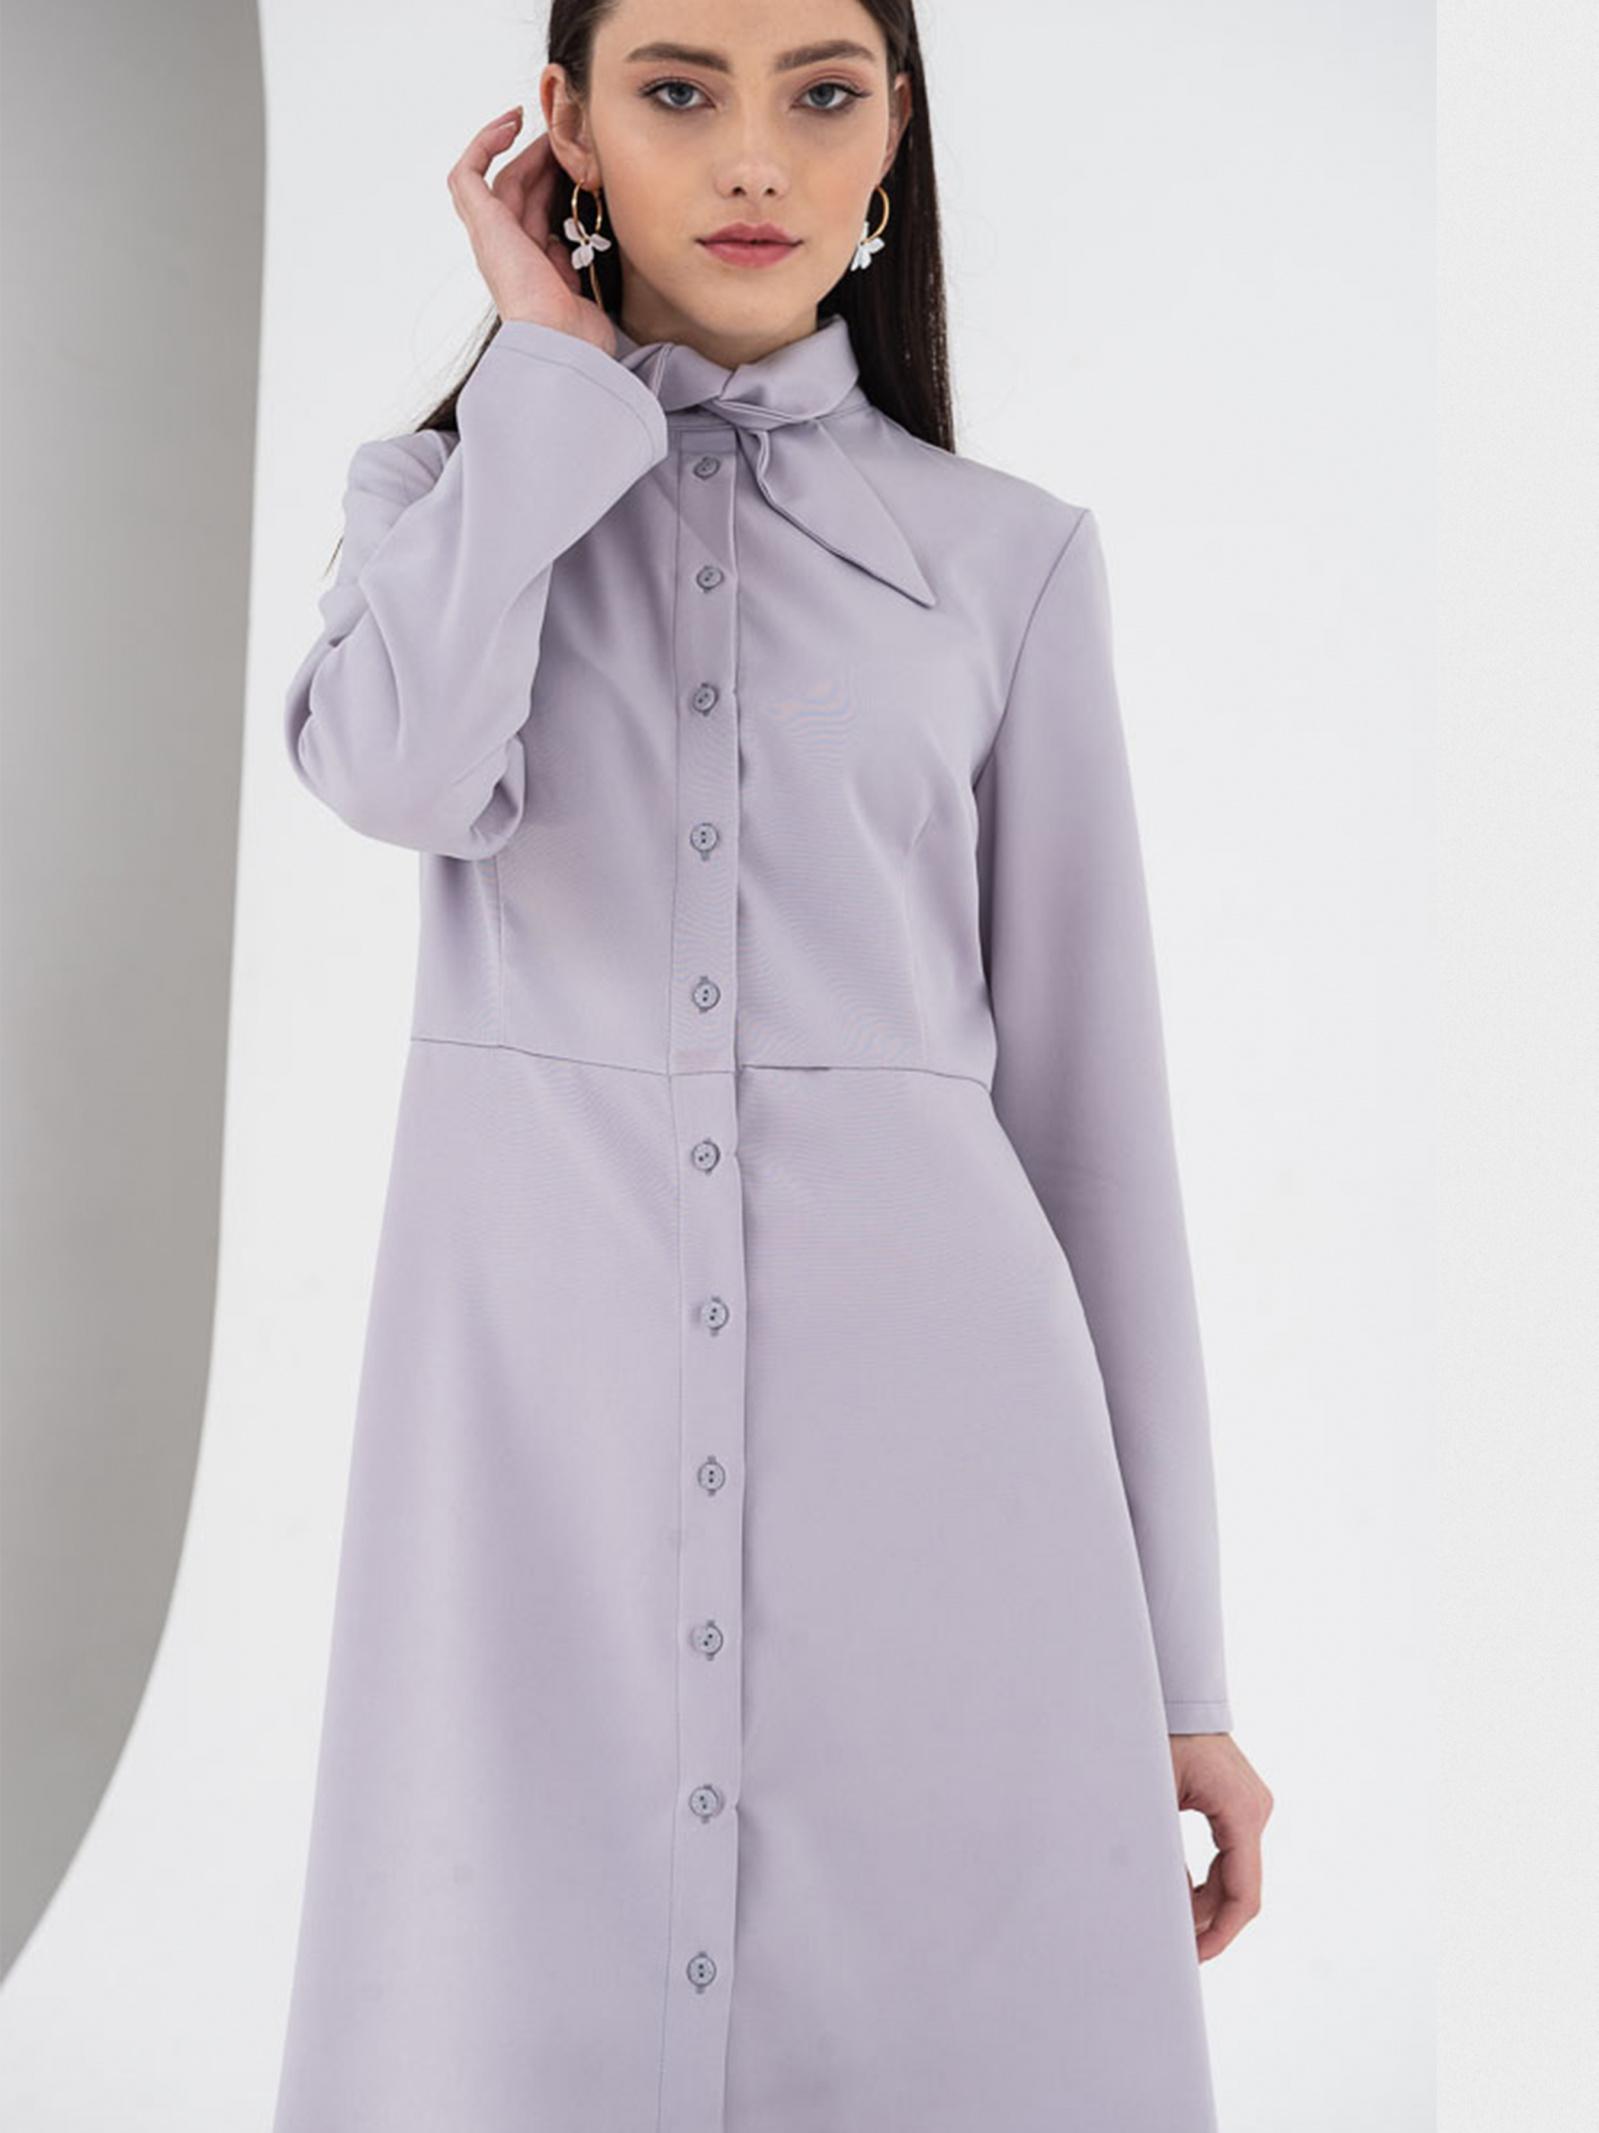 VOVK Сукня жіночі модель 07237 графіт якість, 2017